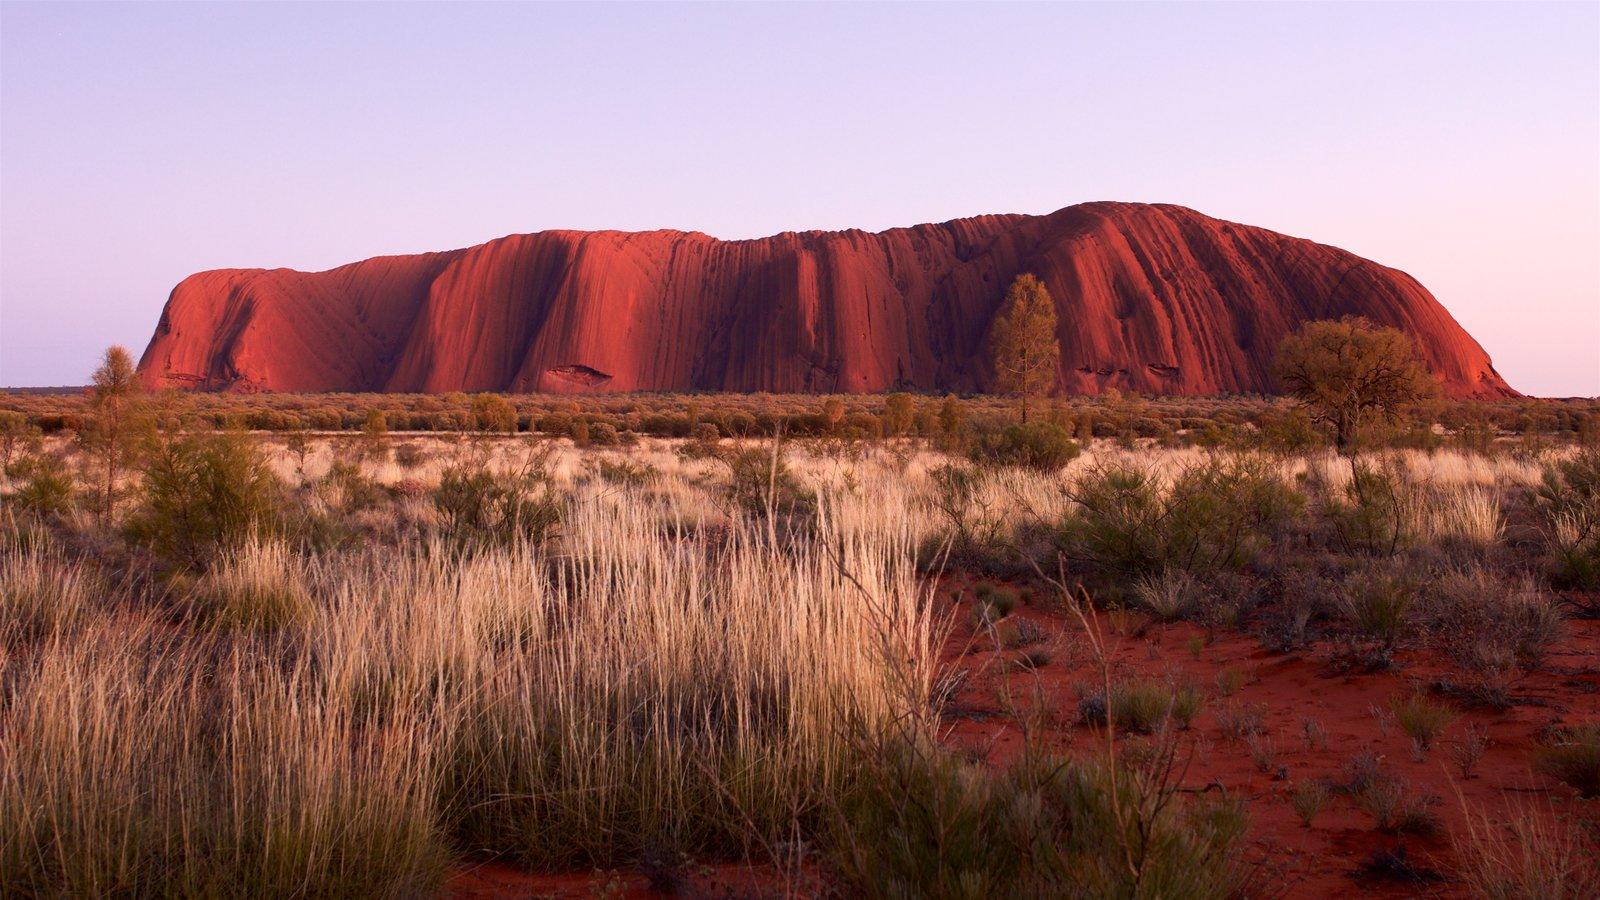 Australia ofreciendo escenas tranquilas y vistas al desierto